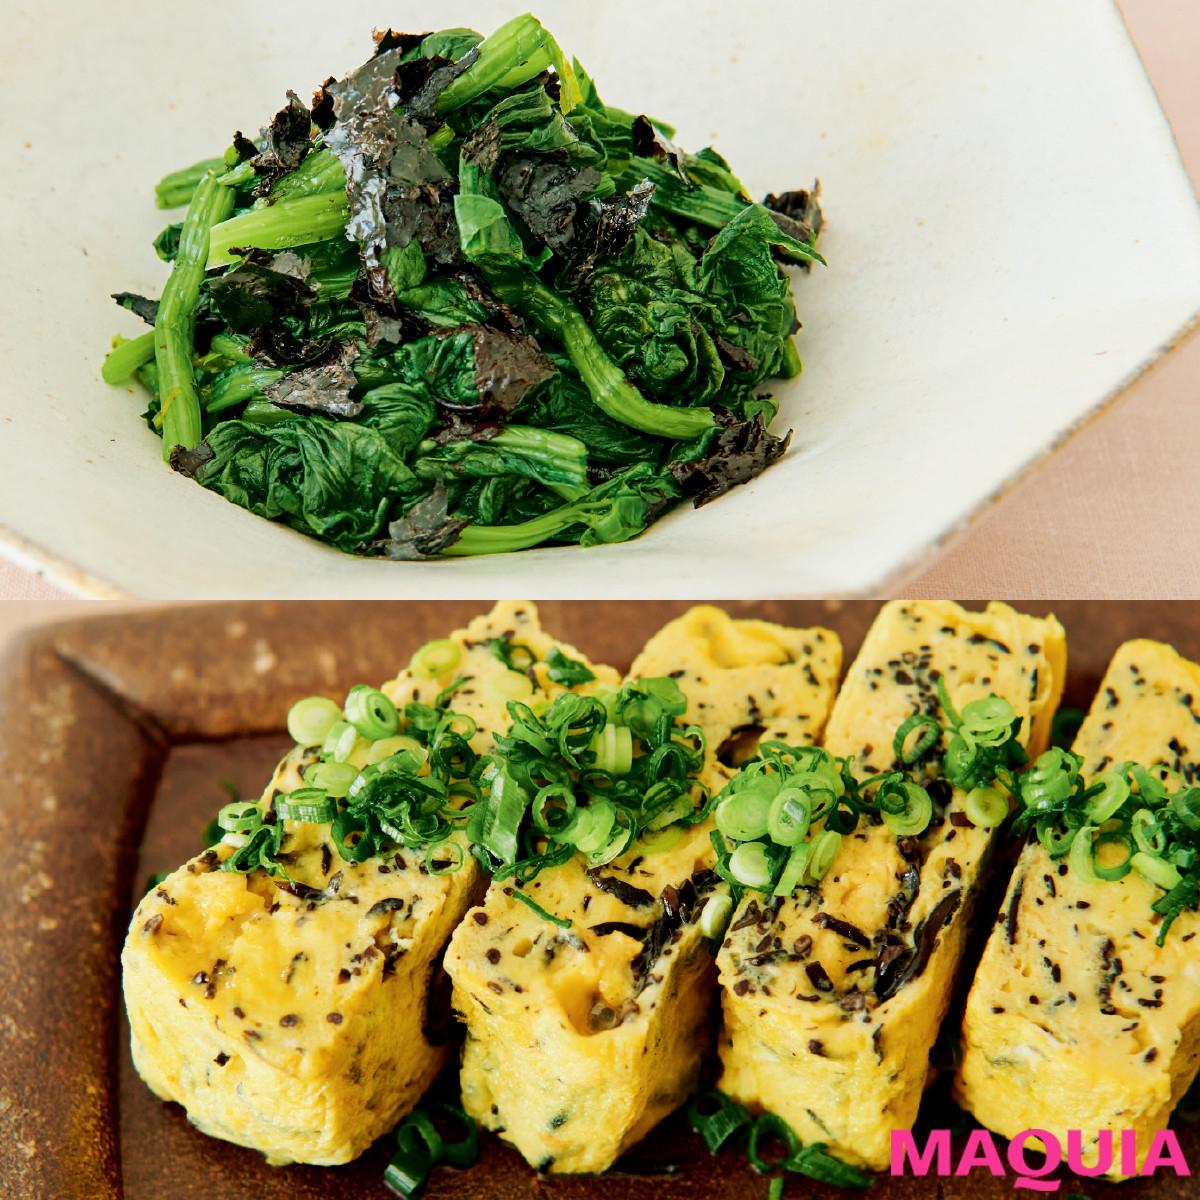 美腸・美肌に◎! 食物繊維やミネラル豊富な「海藻」レシピをお届け